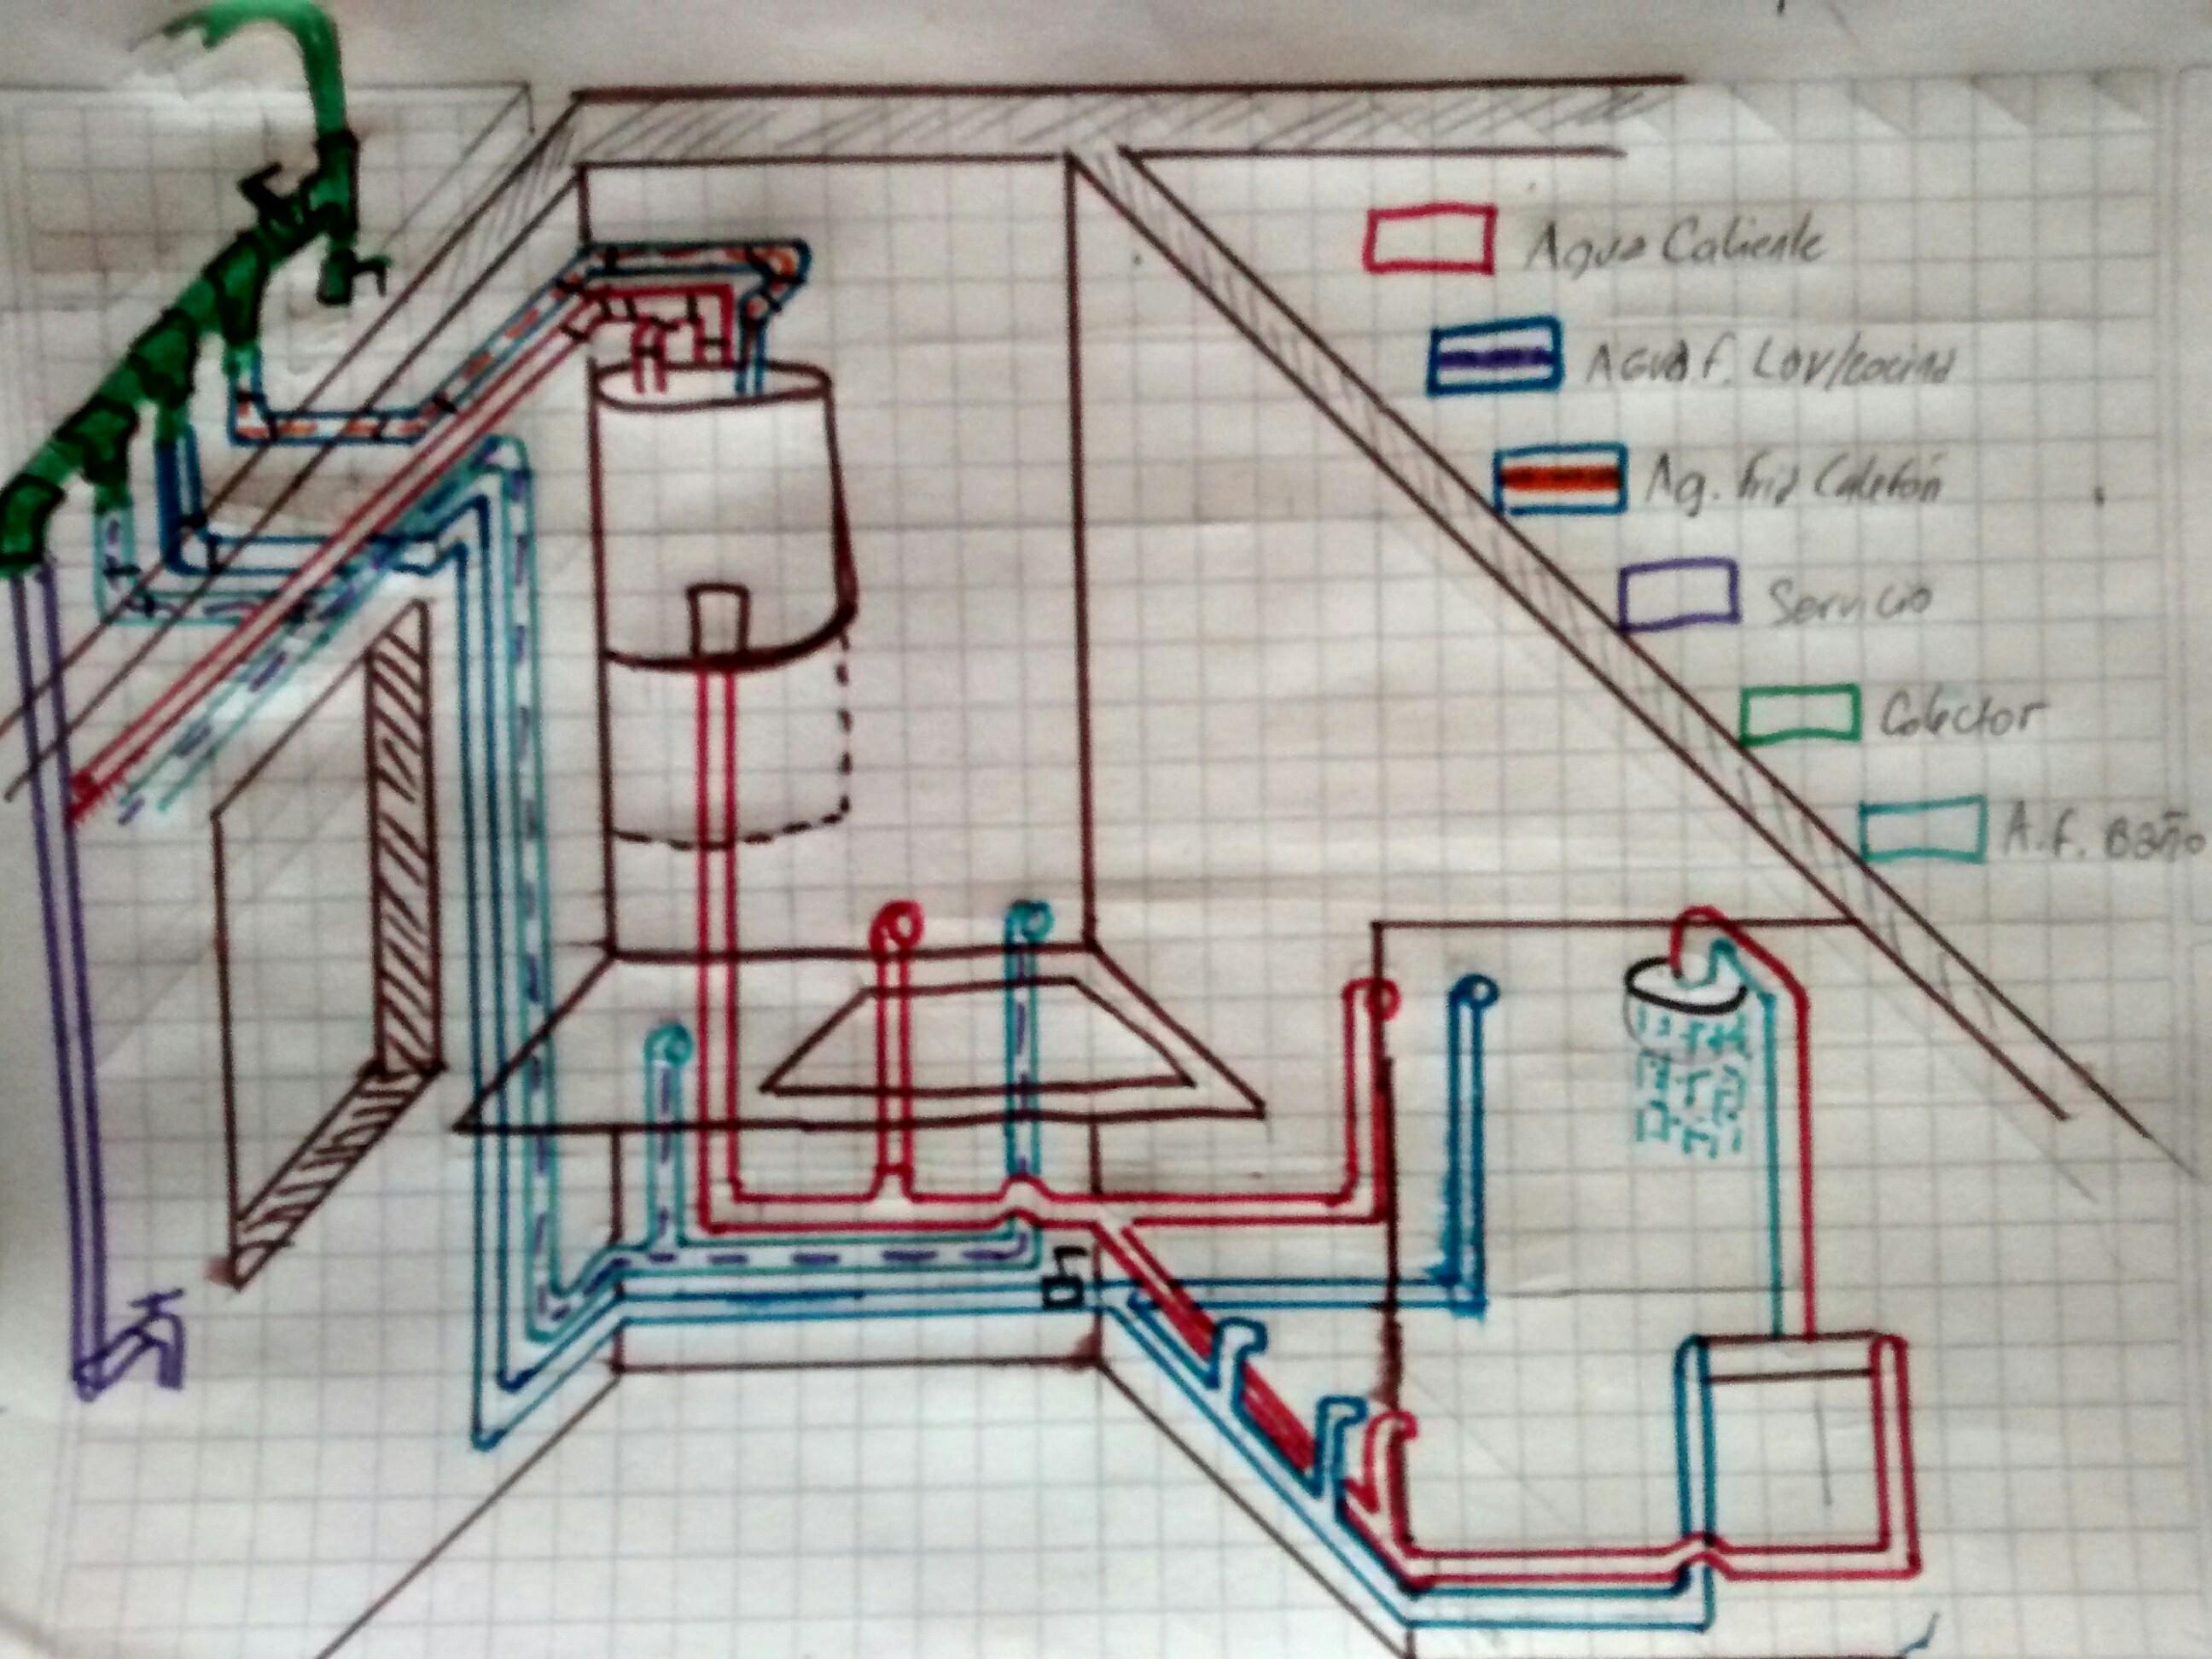 Nueva instalaci n de agua en ba o cocina y lavadero yoreparo for Lavarropas en la cocina